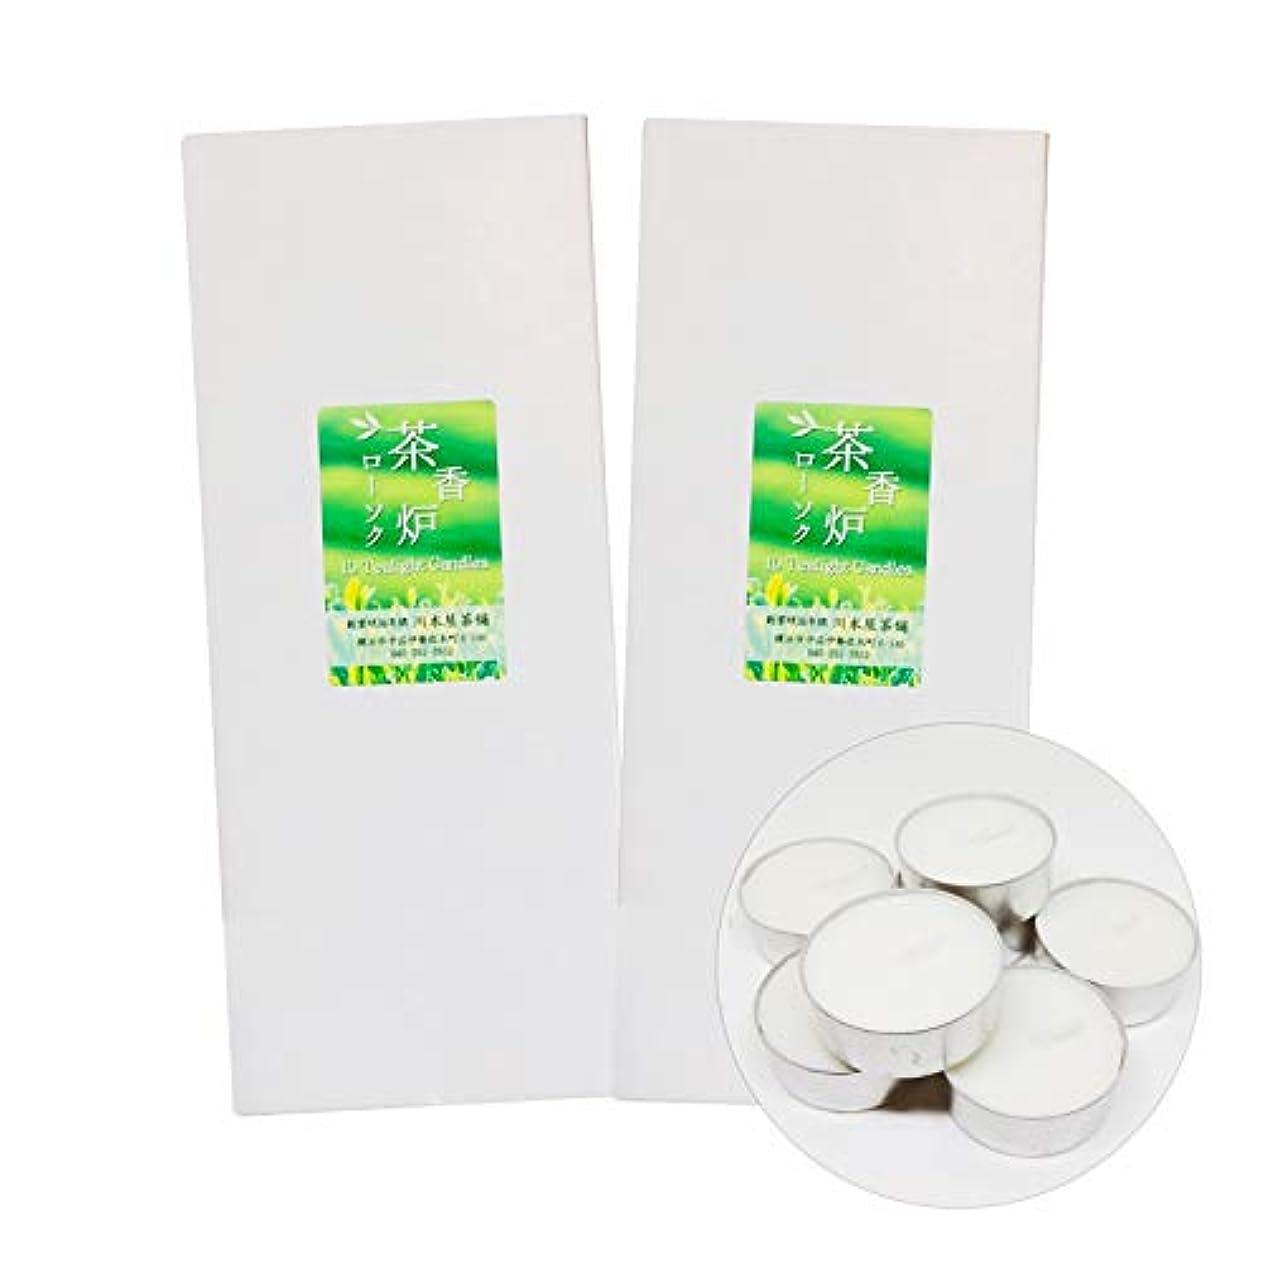 接続インシュレータ印象派茶香炉専用 ろうそく キャンドル 10個入り 川本屋茶舗 (2箱)